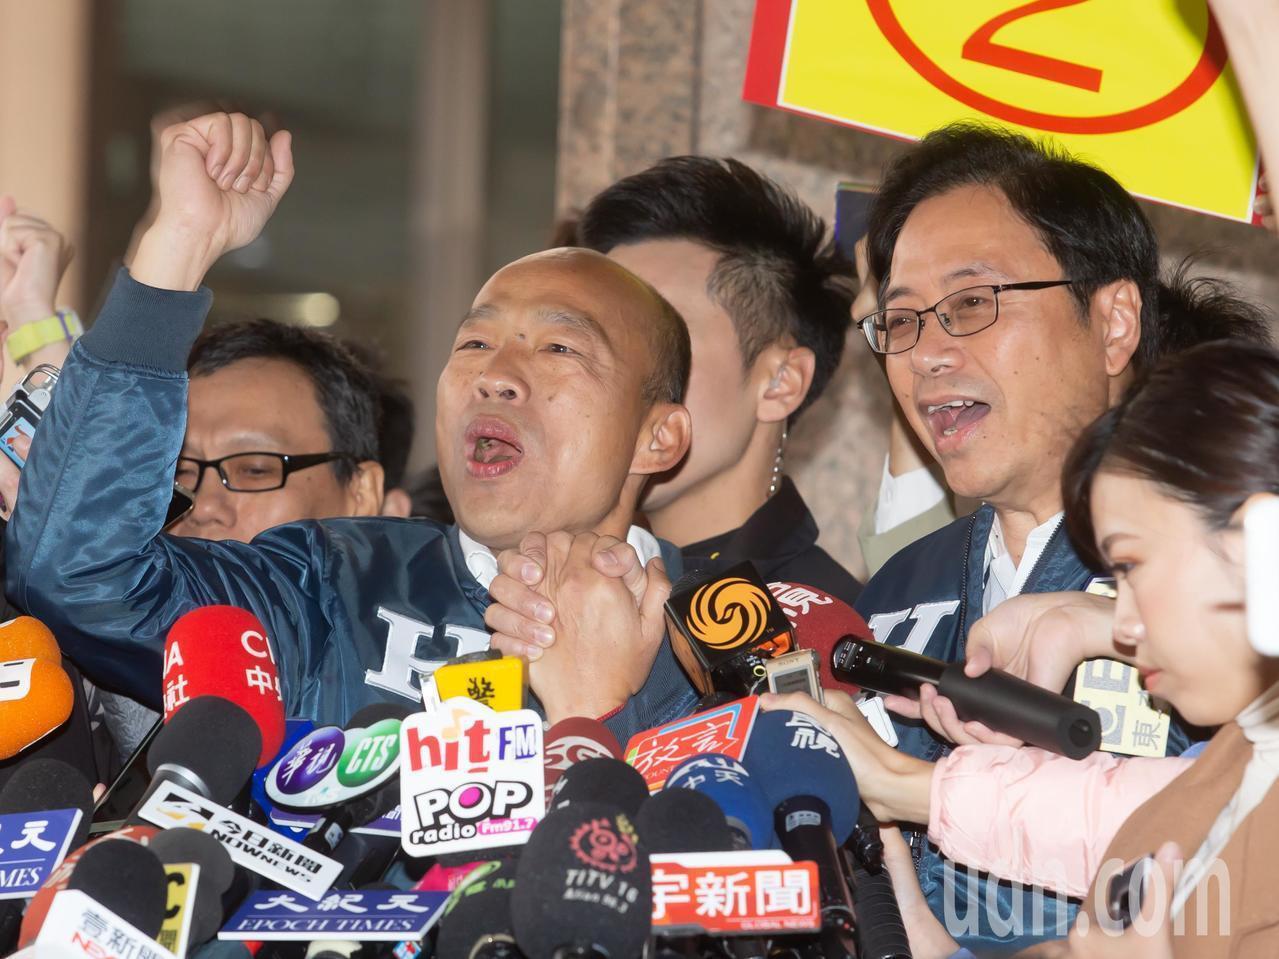 總統候選人韓國瑜(左)、副總統候選人張善政(右)上午一起抽籤決定號次,抽中2號後...